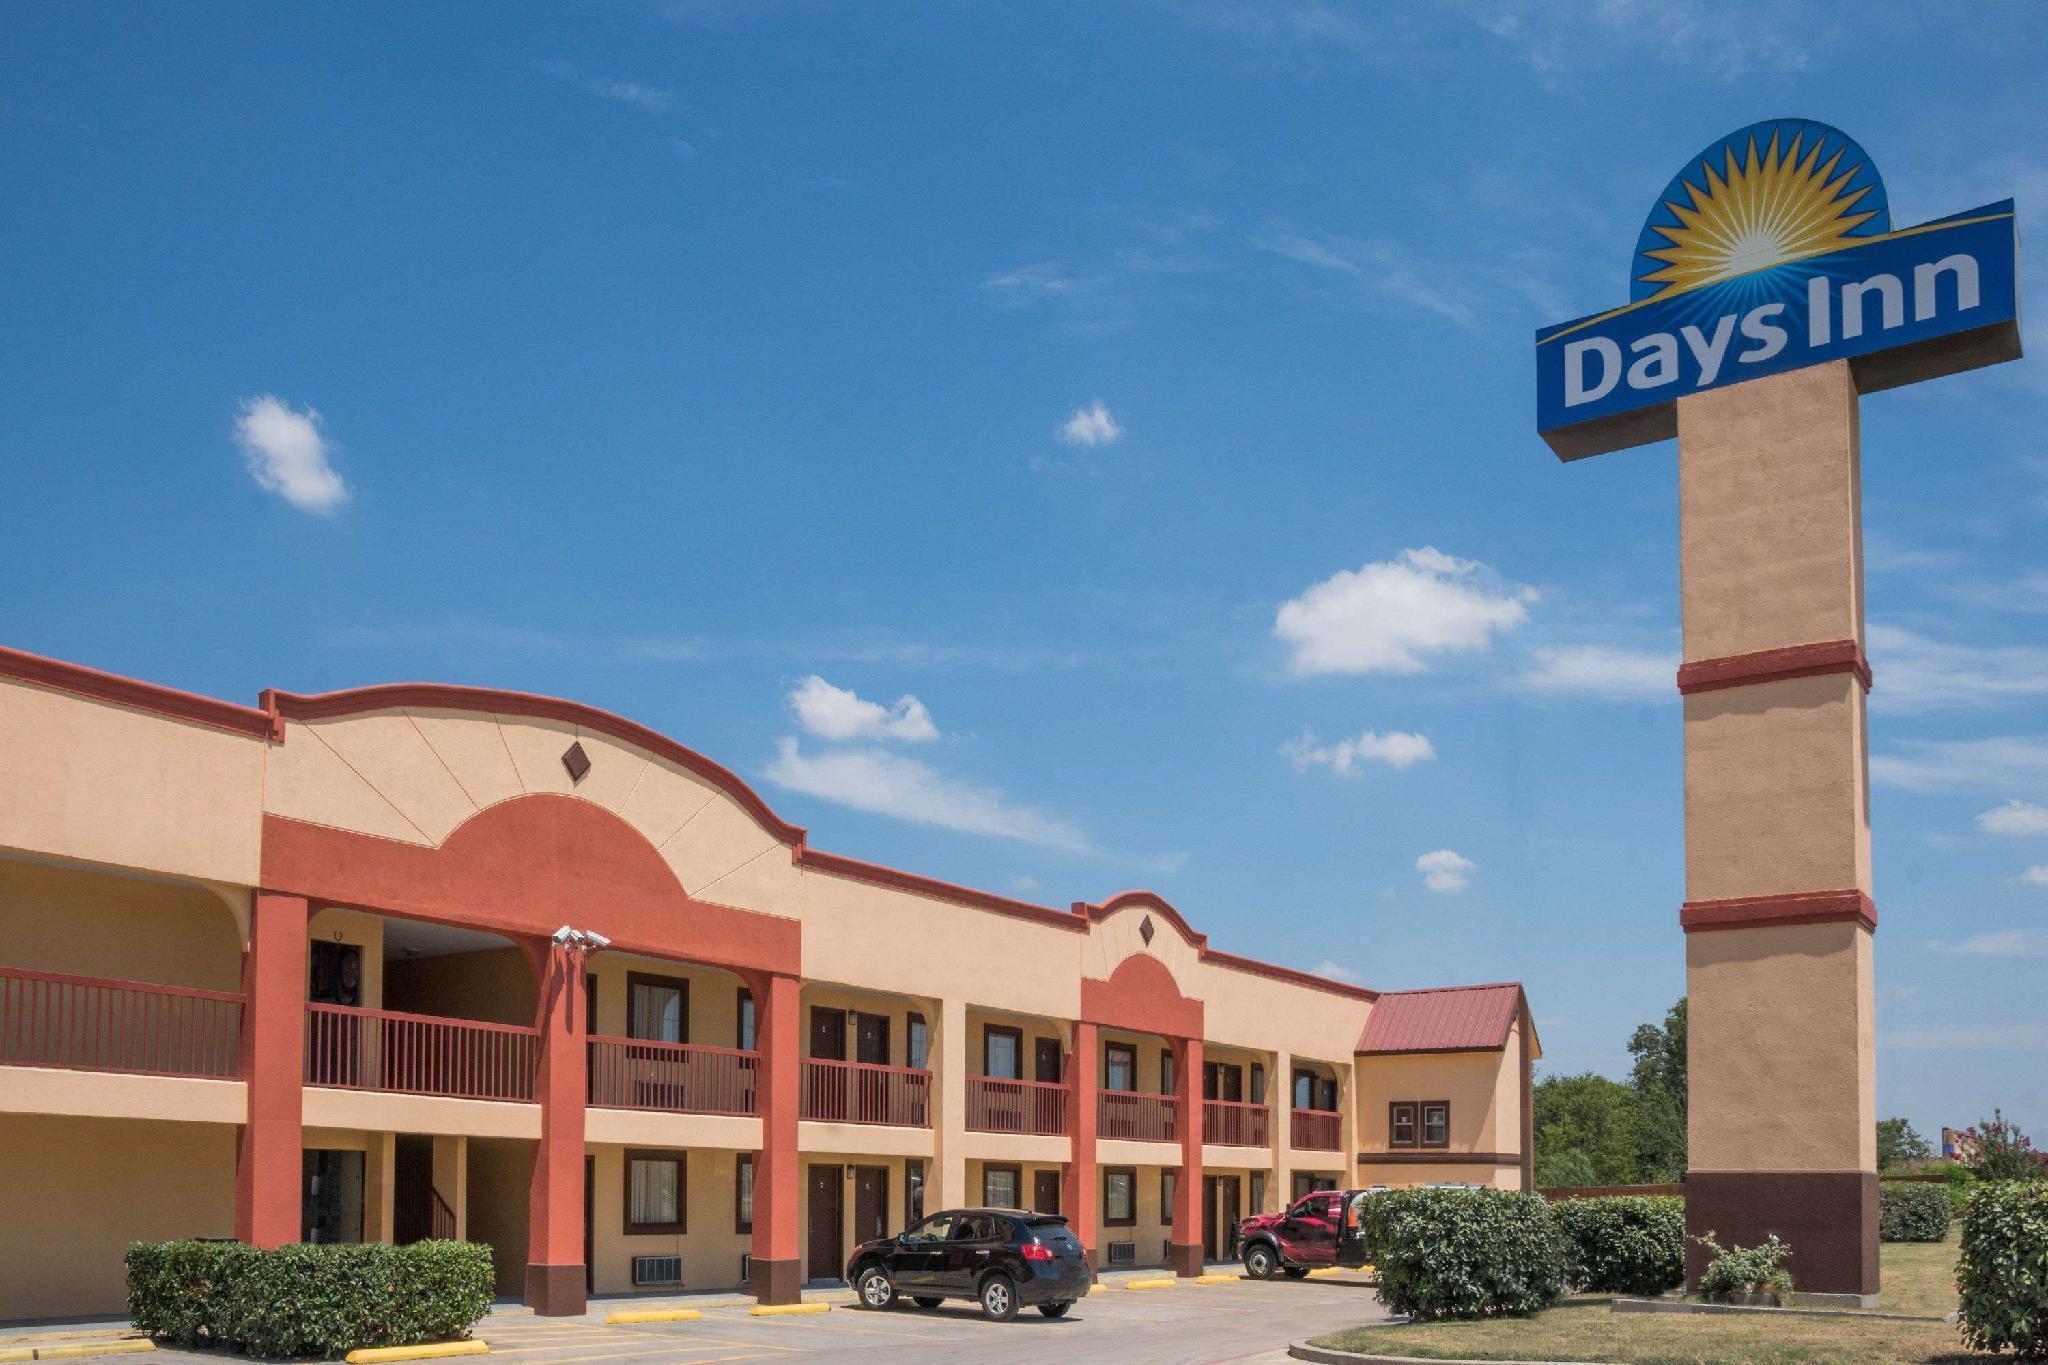 Days Inn By Wyndham Temple